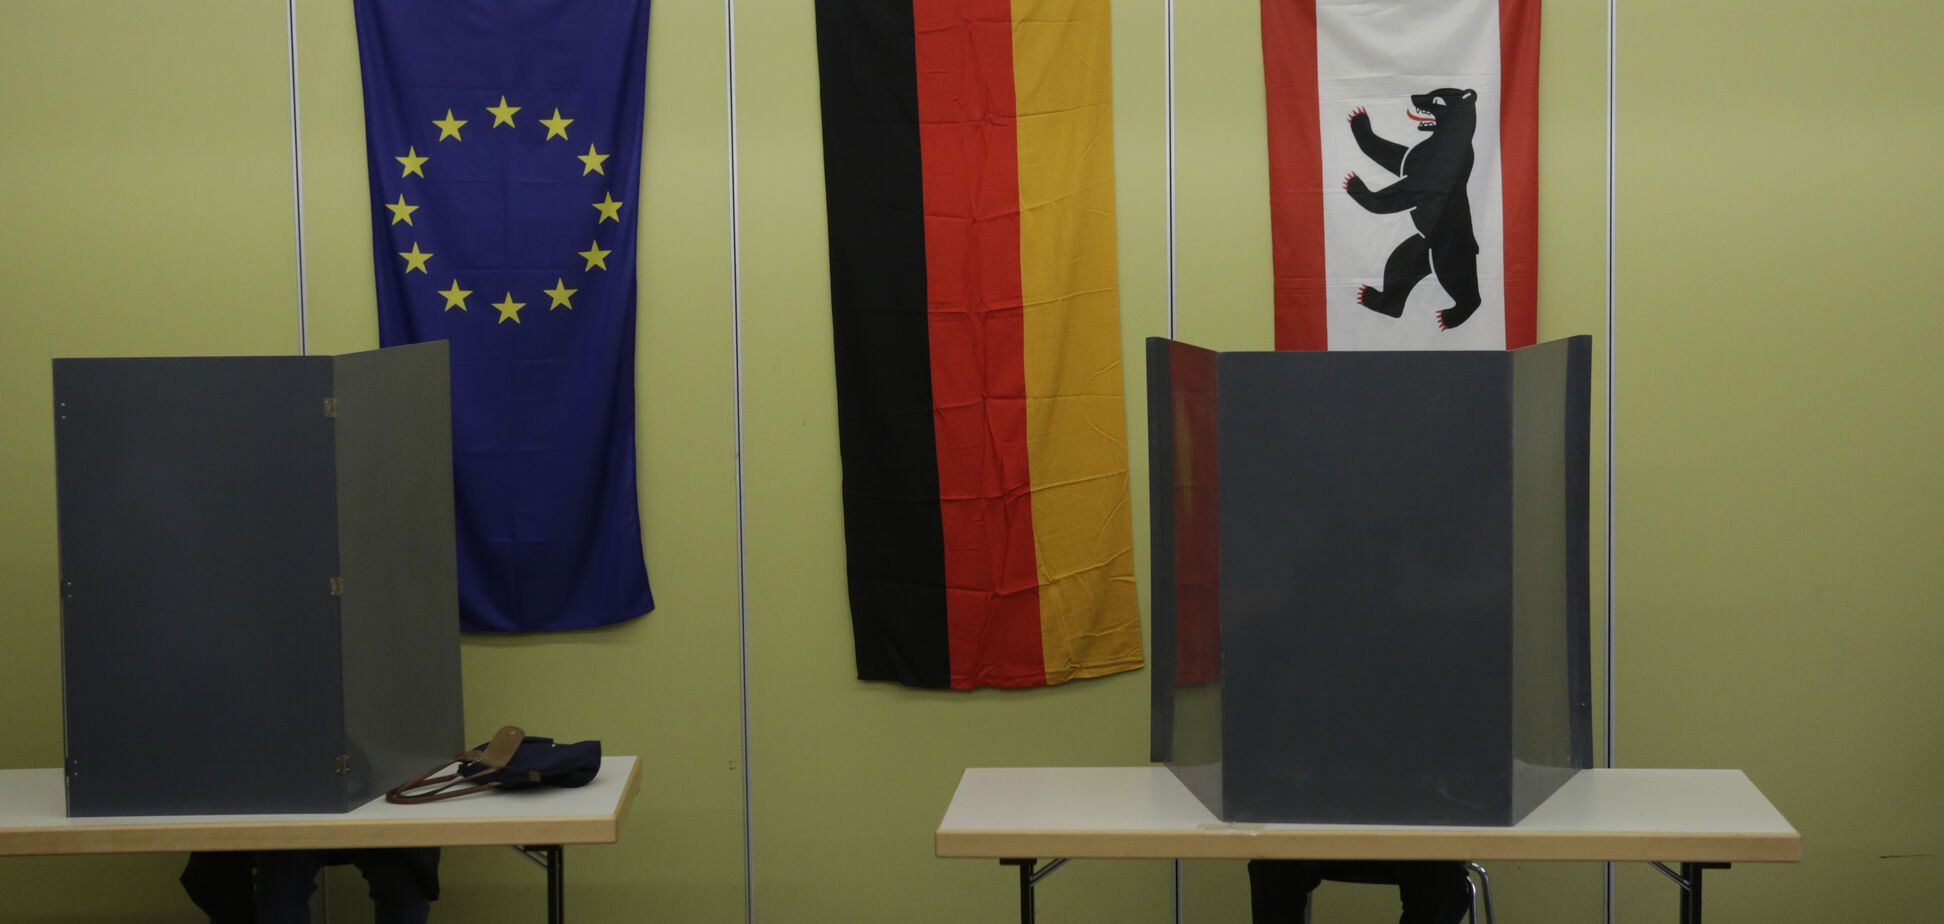 Выборы в Германии: стало известно, кто победил